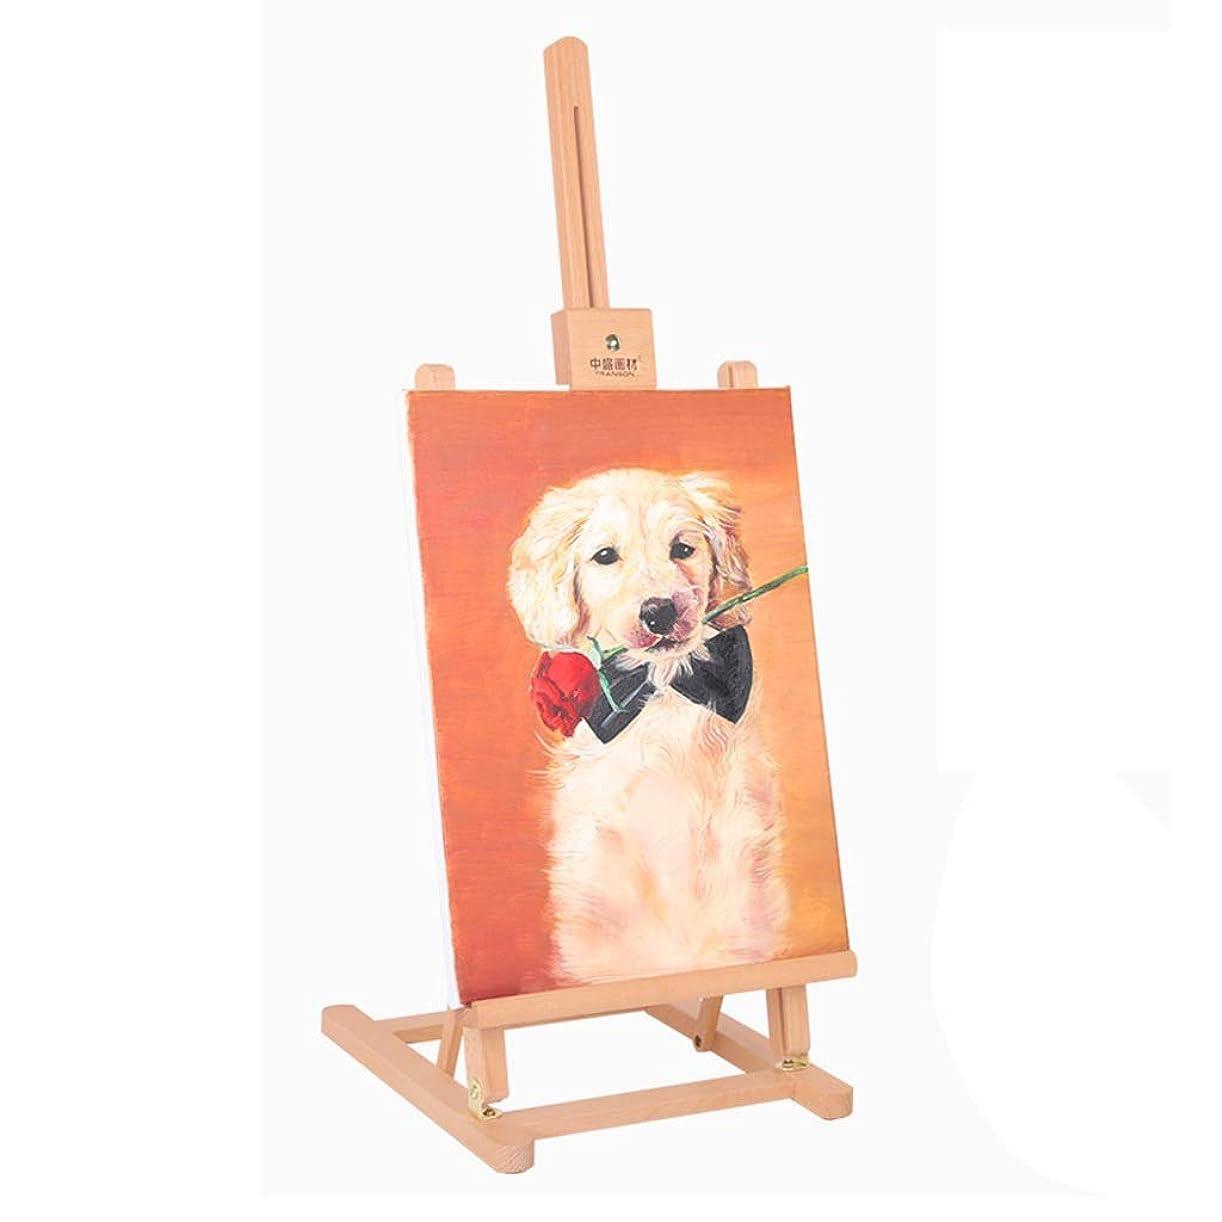 意図する標準人頑丈で丈夫 デッサン、水彩&アクリル画のためのポータブルブナ木材デッサン&ペイントボードミニアーティストテーブルトップスケッチデッサンアーティスト、。 (Color : Natural)